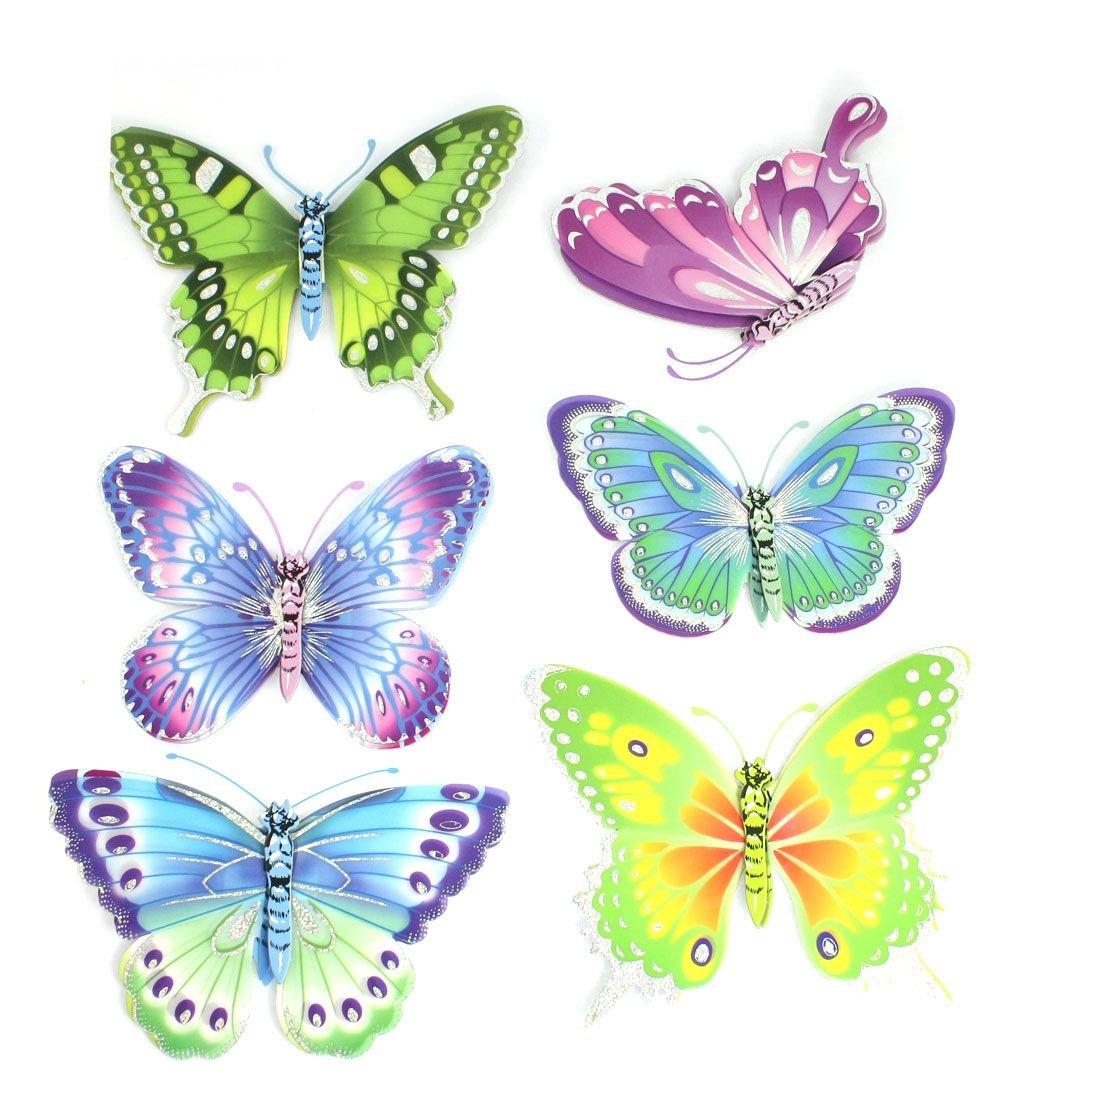 варианты коллекция картинок для оформления название насекомое